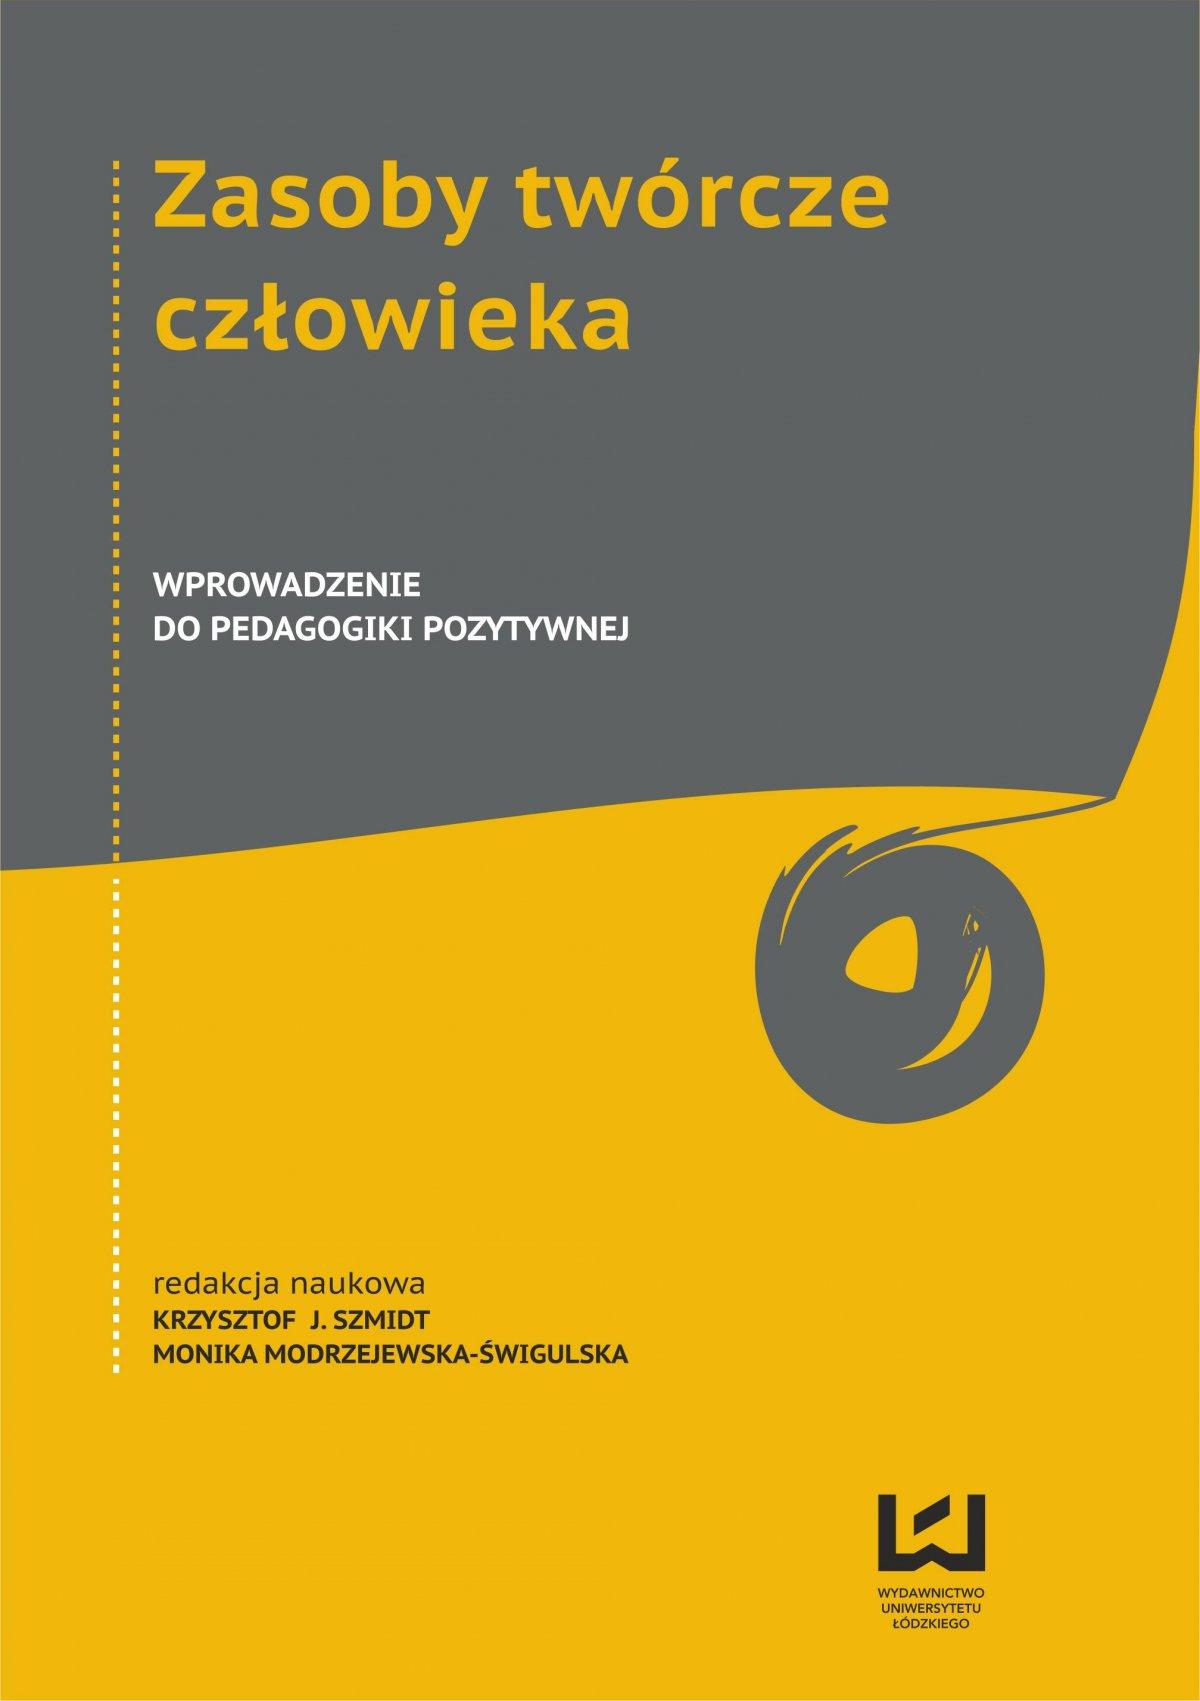 Zasoby twórcze człowieka. Wprowadzenie do pedagogiki pozytywnej - Ebook (Książka PDF) do pobrania w formacie PDF